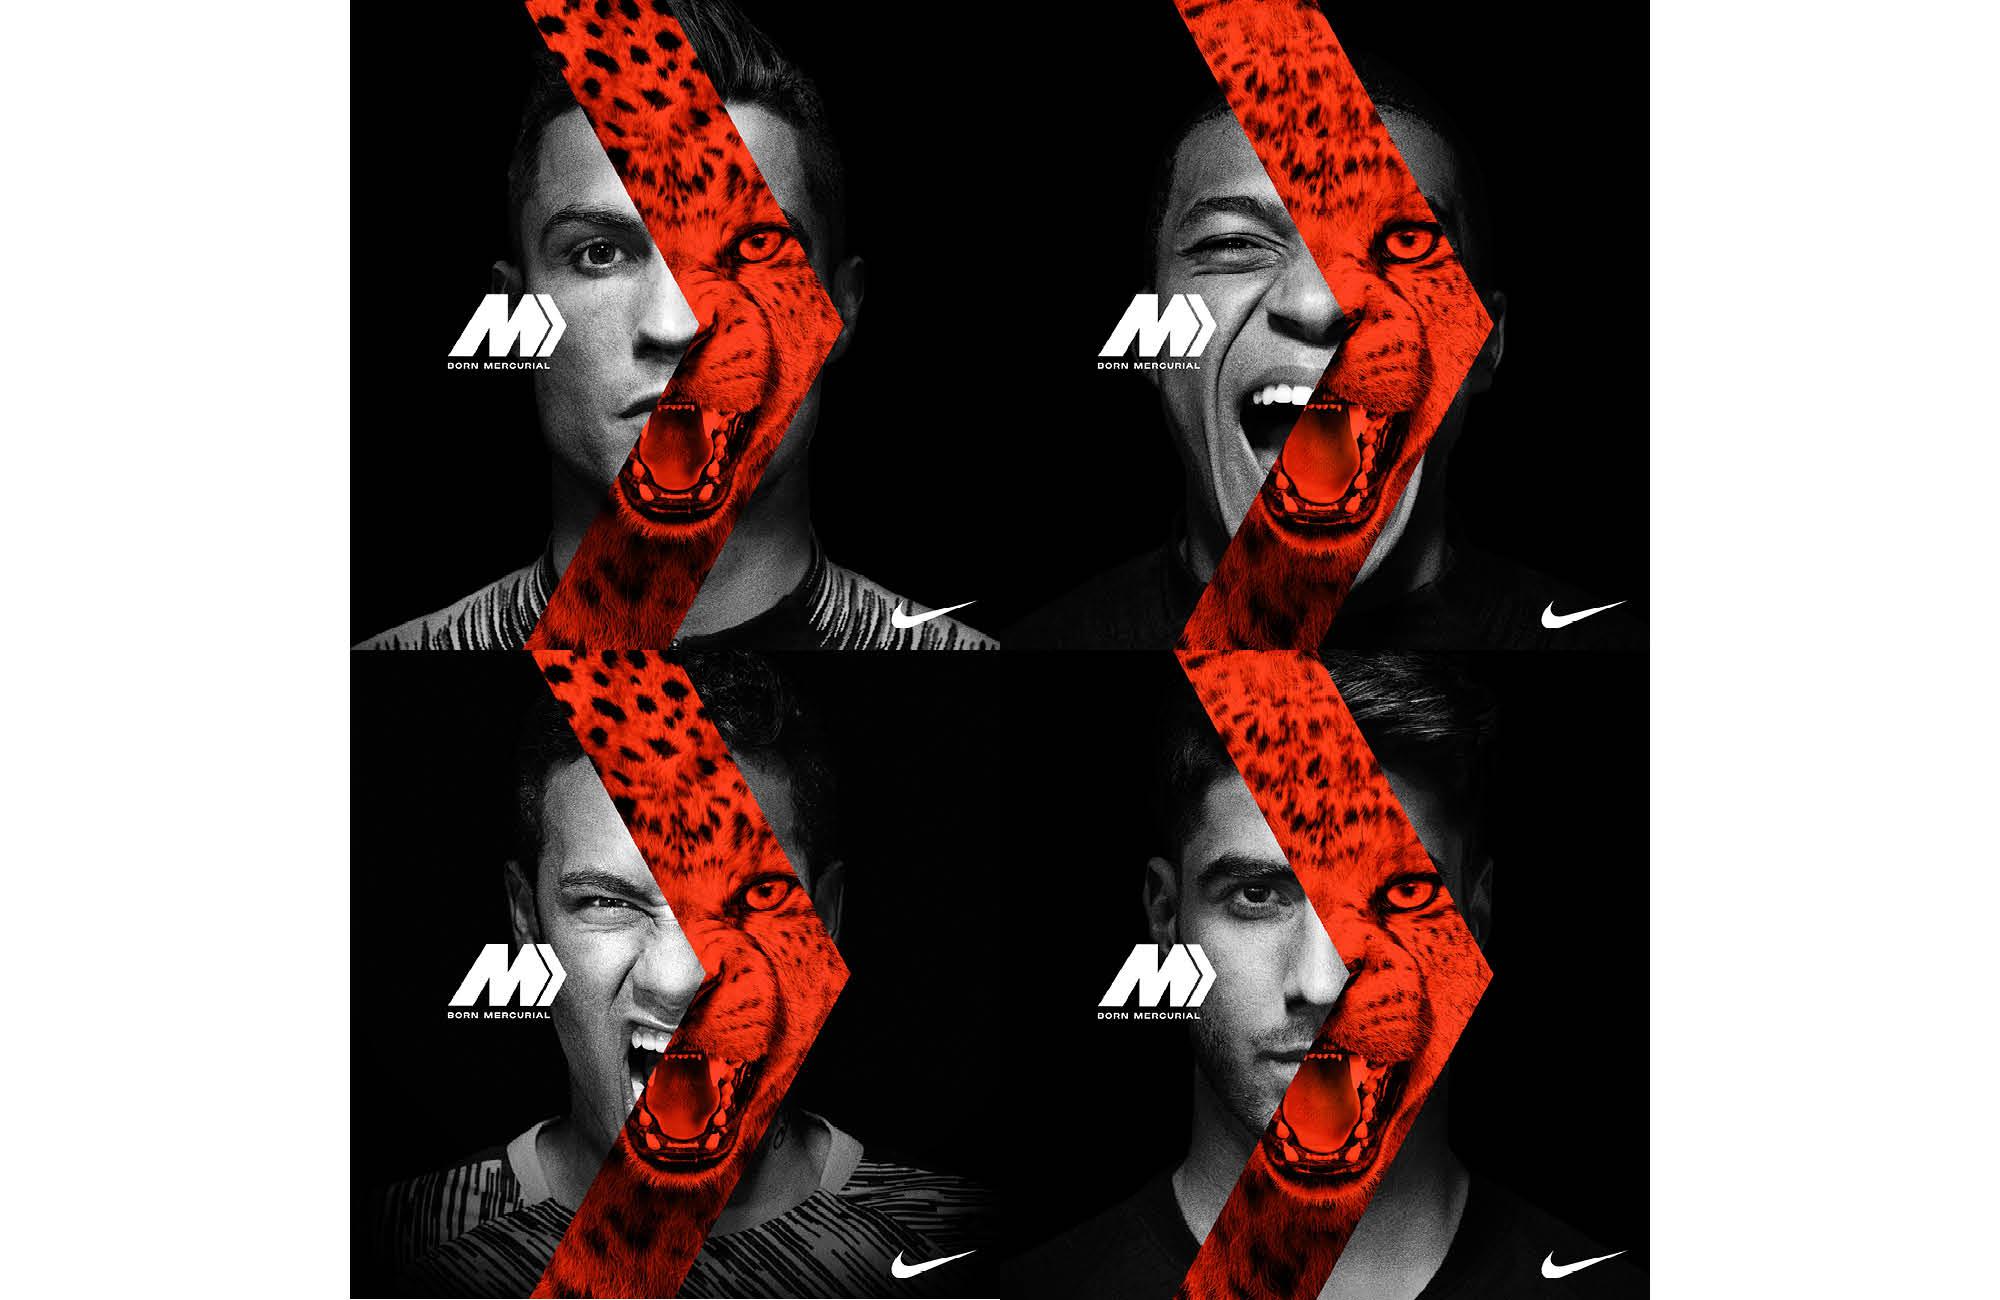 Nike – Born Merc - 4 of 4